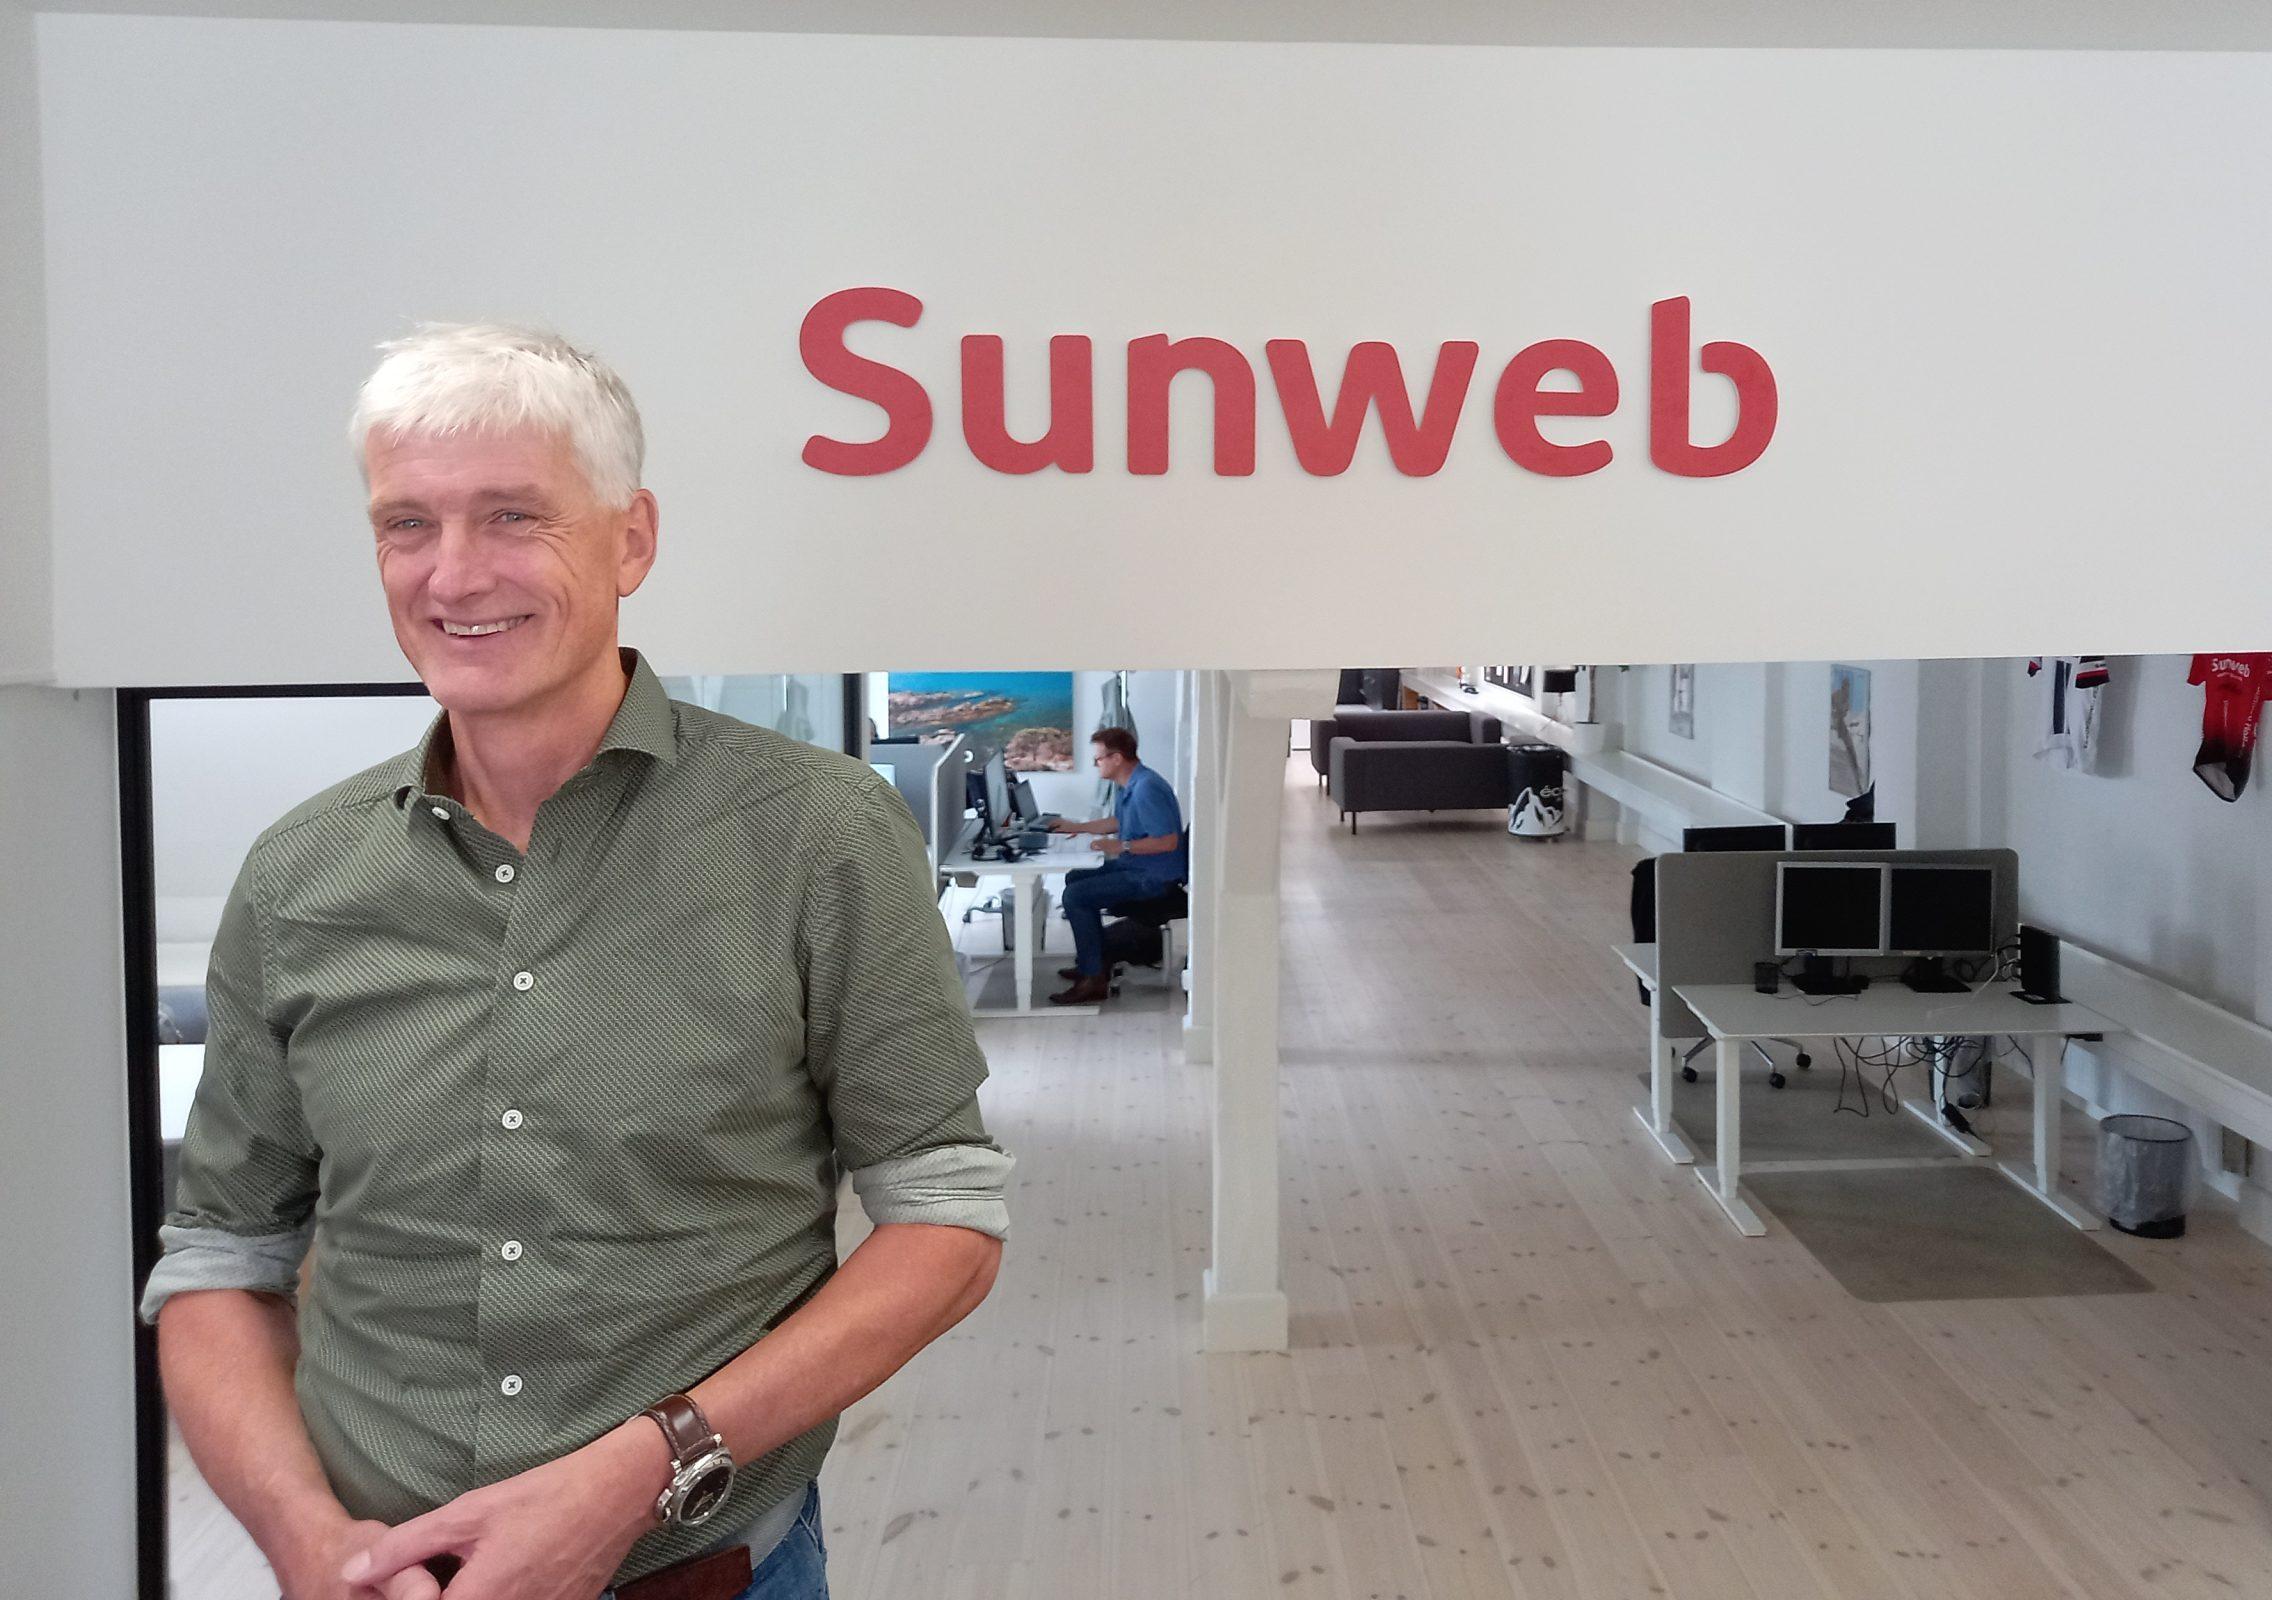 Mattijs Ten Brink blev blandt andet koncernchef for Sunweb Group, der foreløbig er på syv europæiske markeder, for at øge rejsekoncernens ekspansion. Her er han på Sunwebs kontor i København. Foto: Henrik Baumgarten.